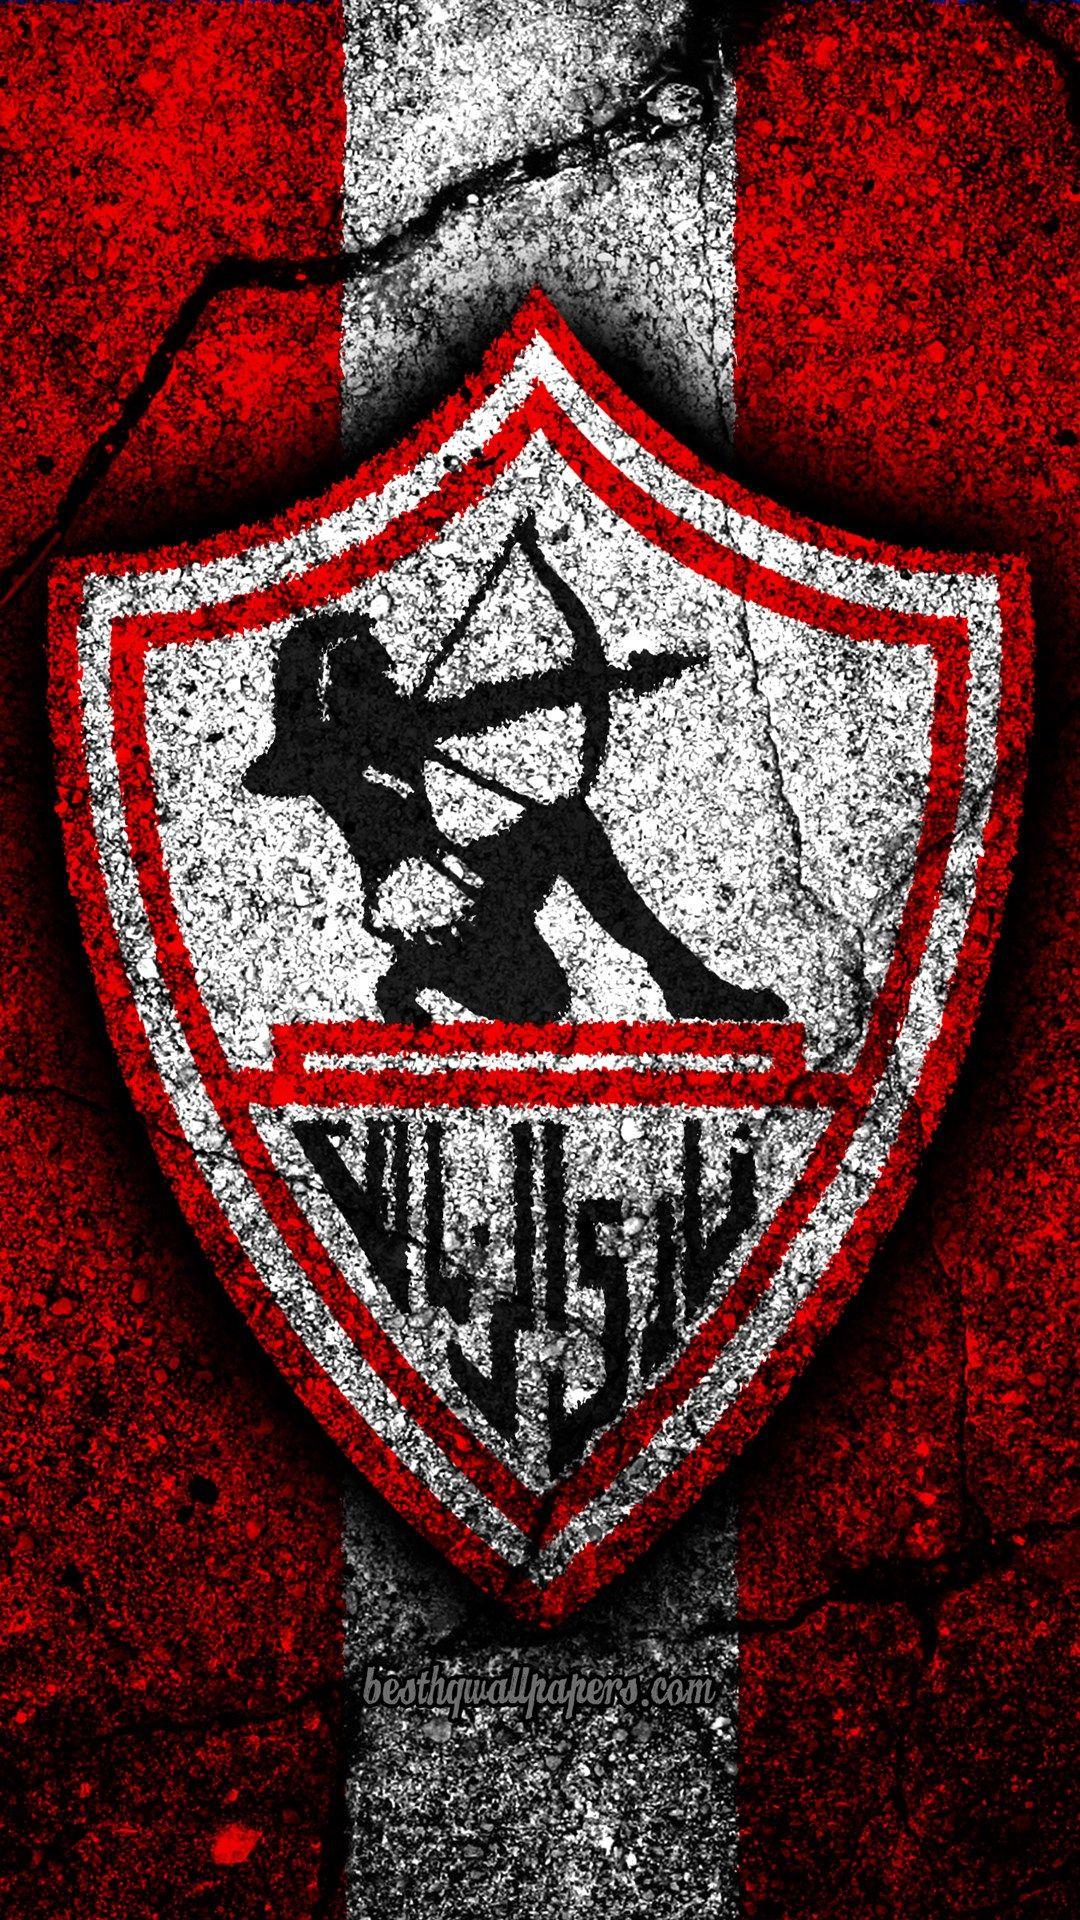 4k نادي الزمالك شعار الدوري المصري الممتاز الدوري الإنجليزي كرة القدم مصر الحجر الأسود الزمالك الأسفلت الملمس Zamalek Sc Pop Art Images Camo Wallpaper